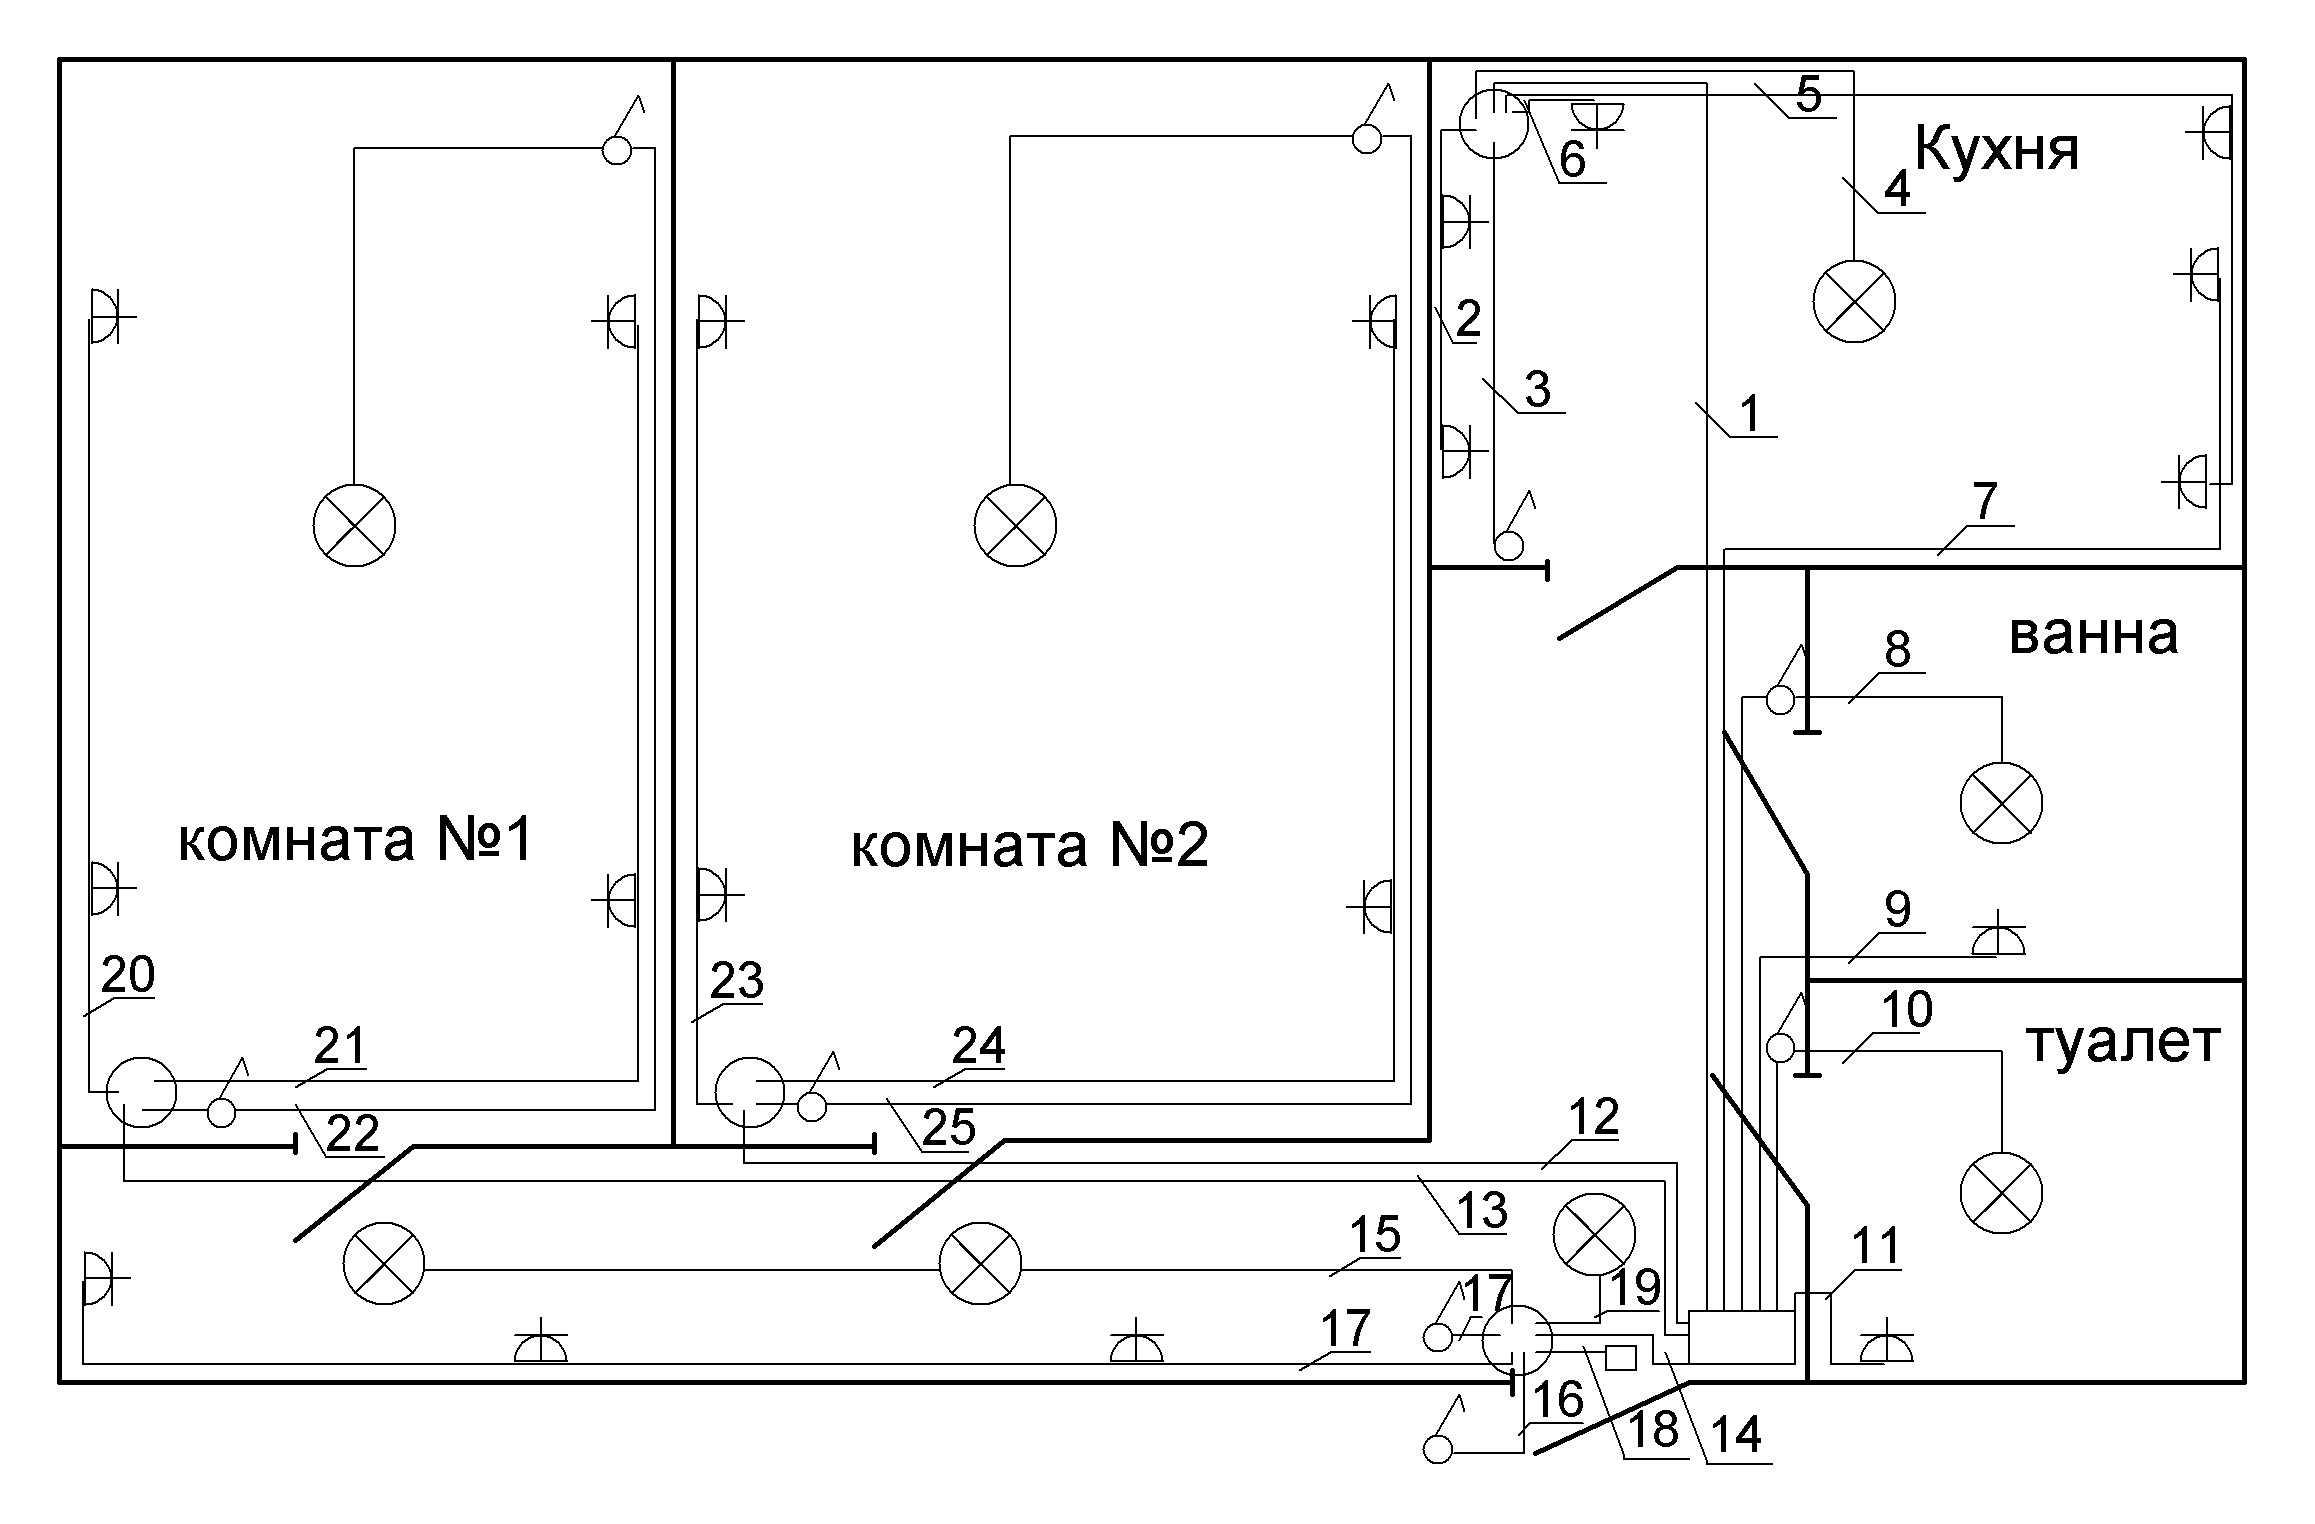 bedroom wiring diagram stratocaster pickup Как сделать электропроводку в доме  советы электрика